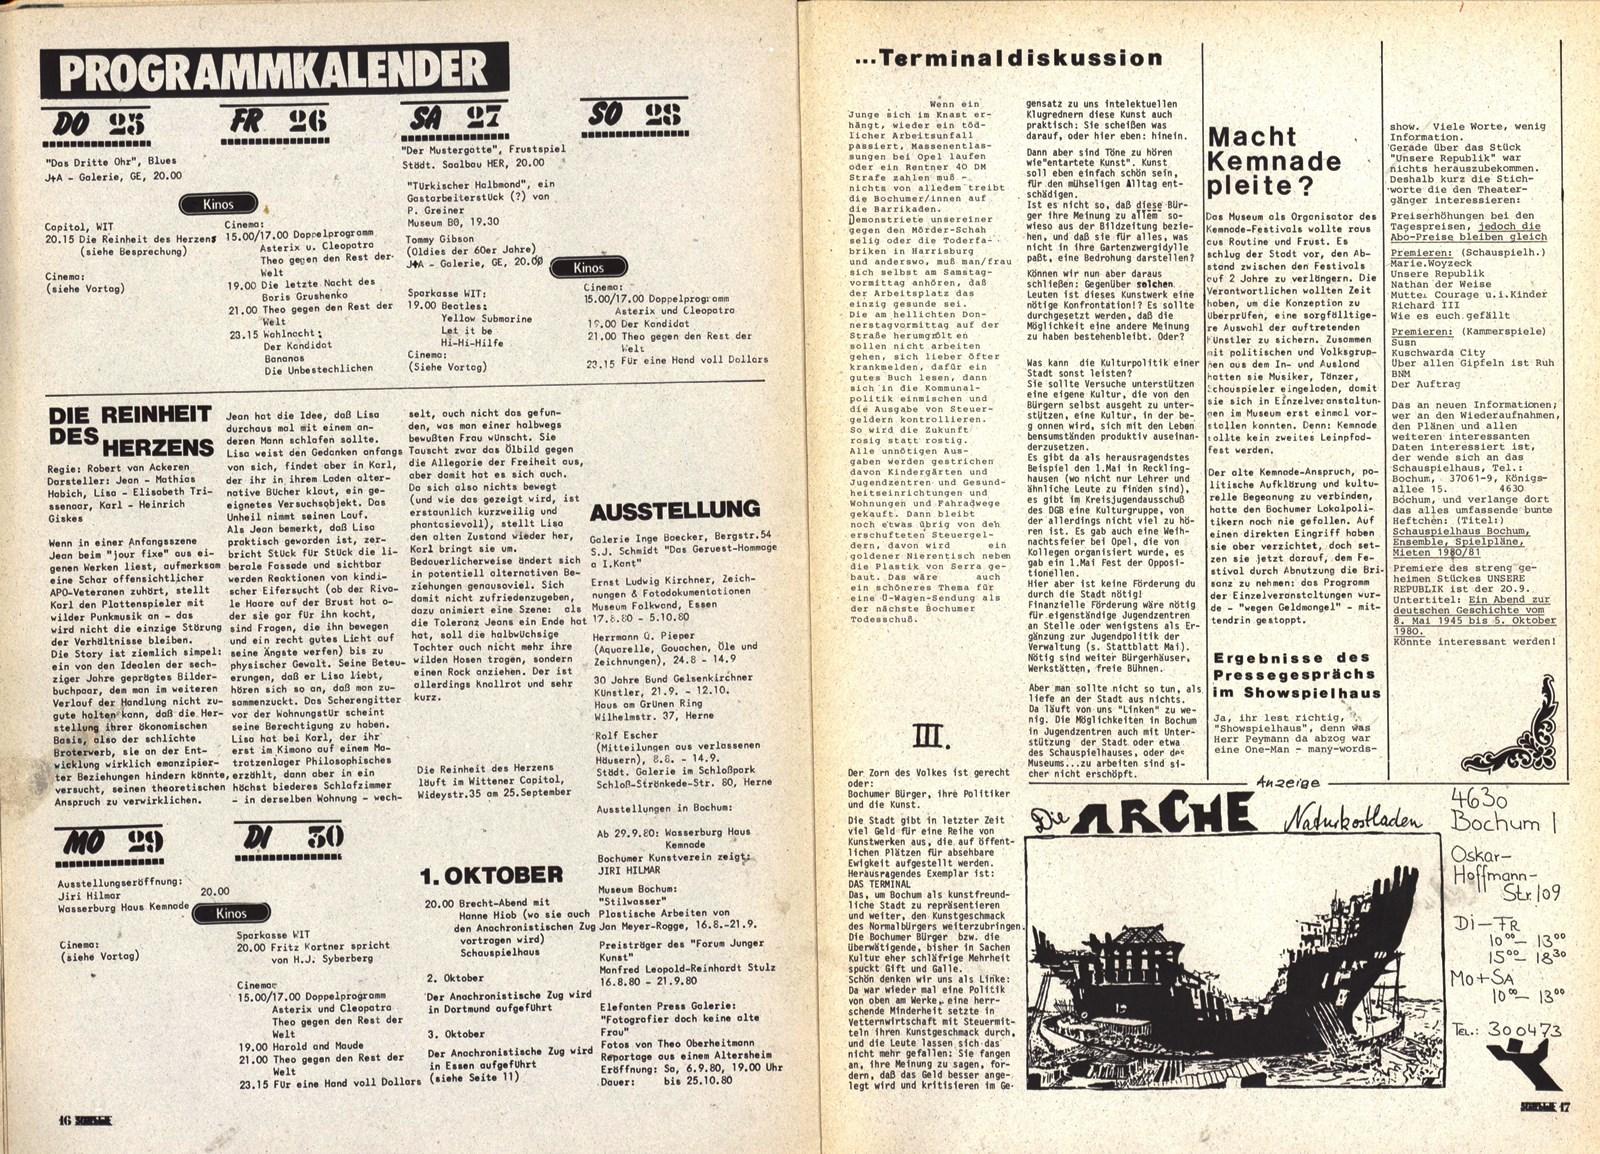 Bochum_Stattblatt_19800900_40_09